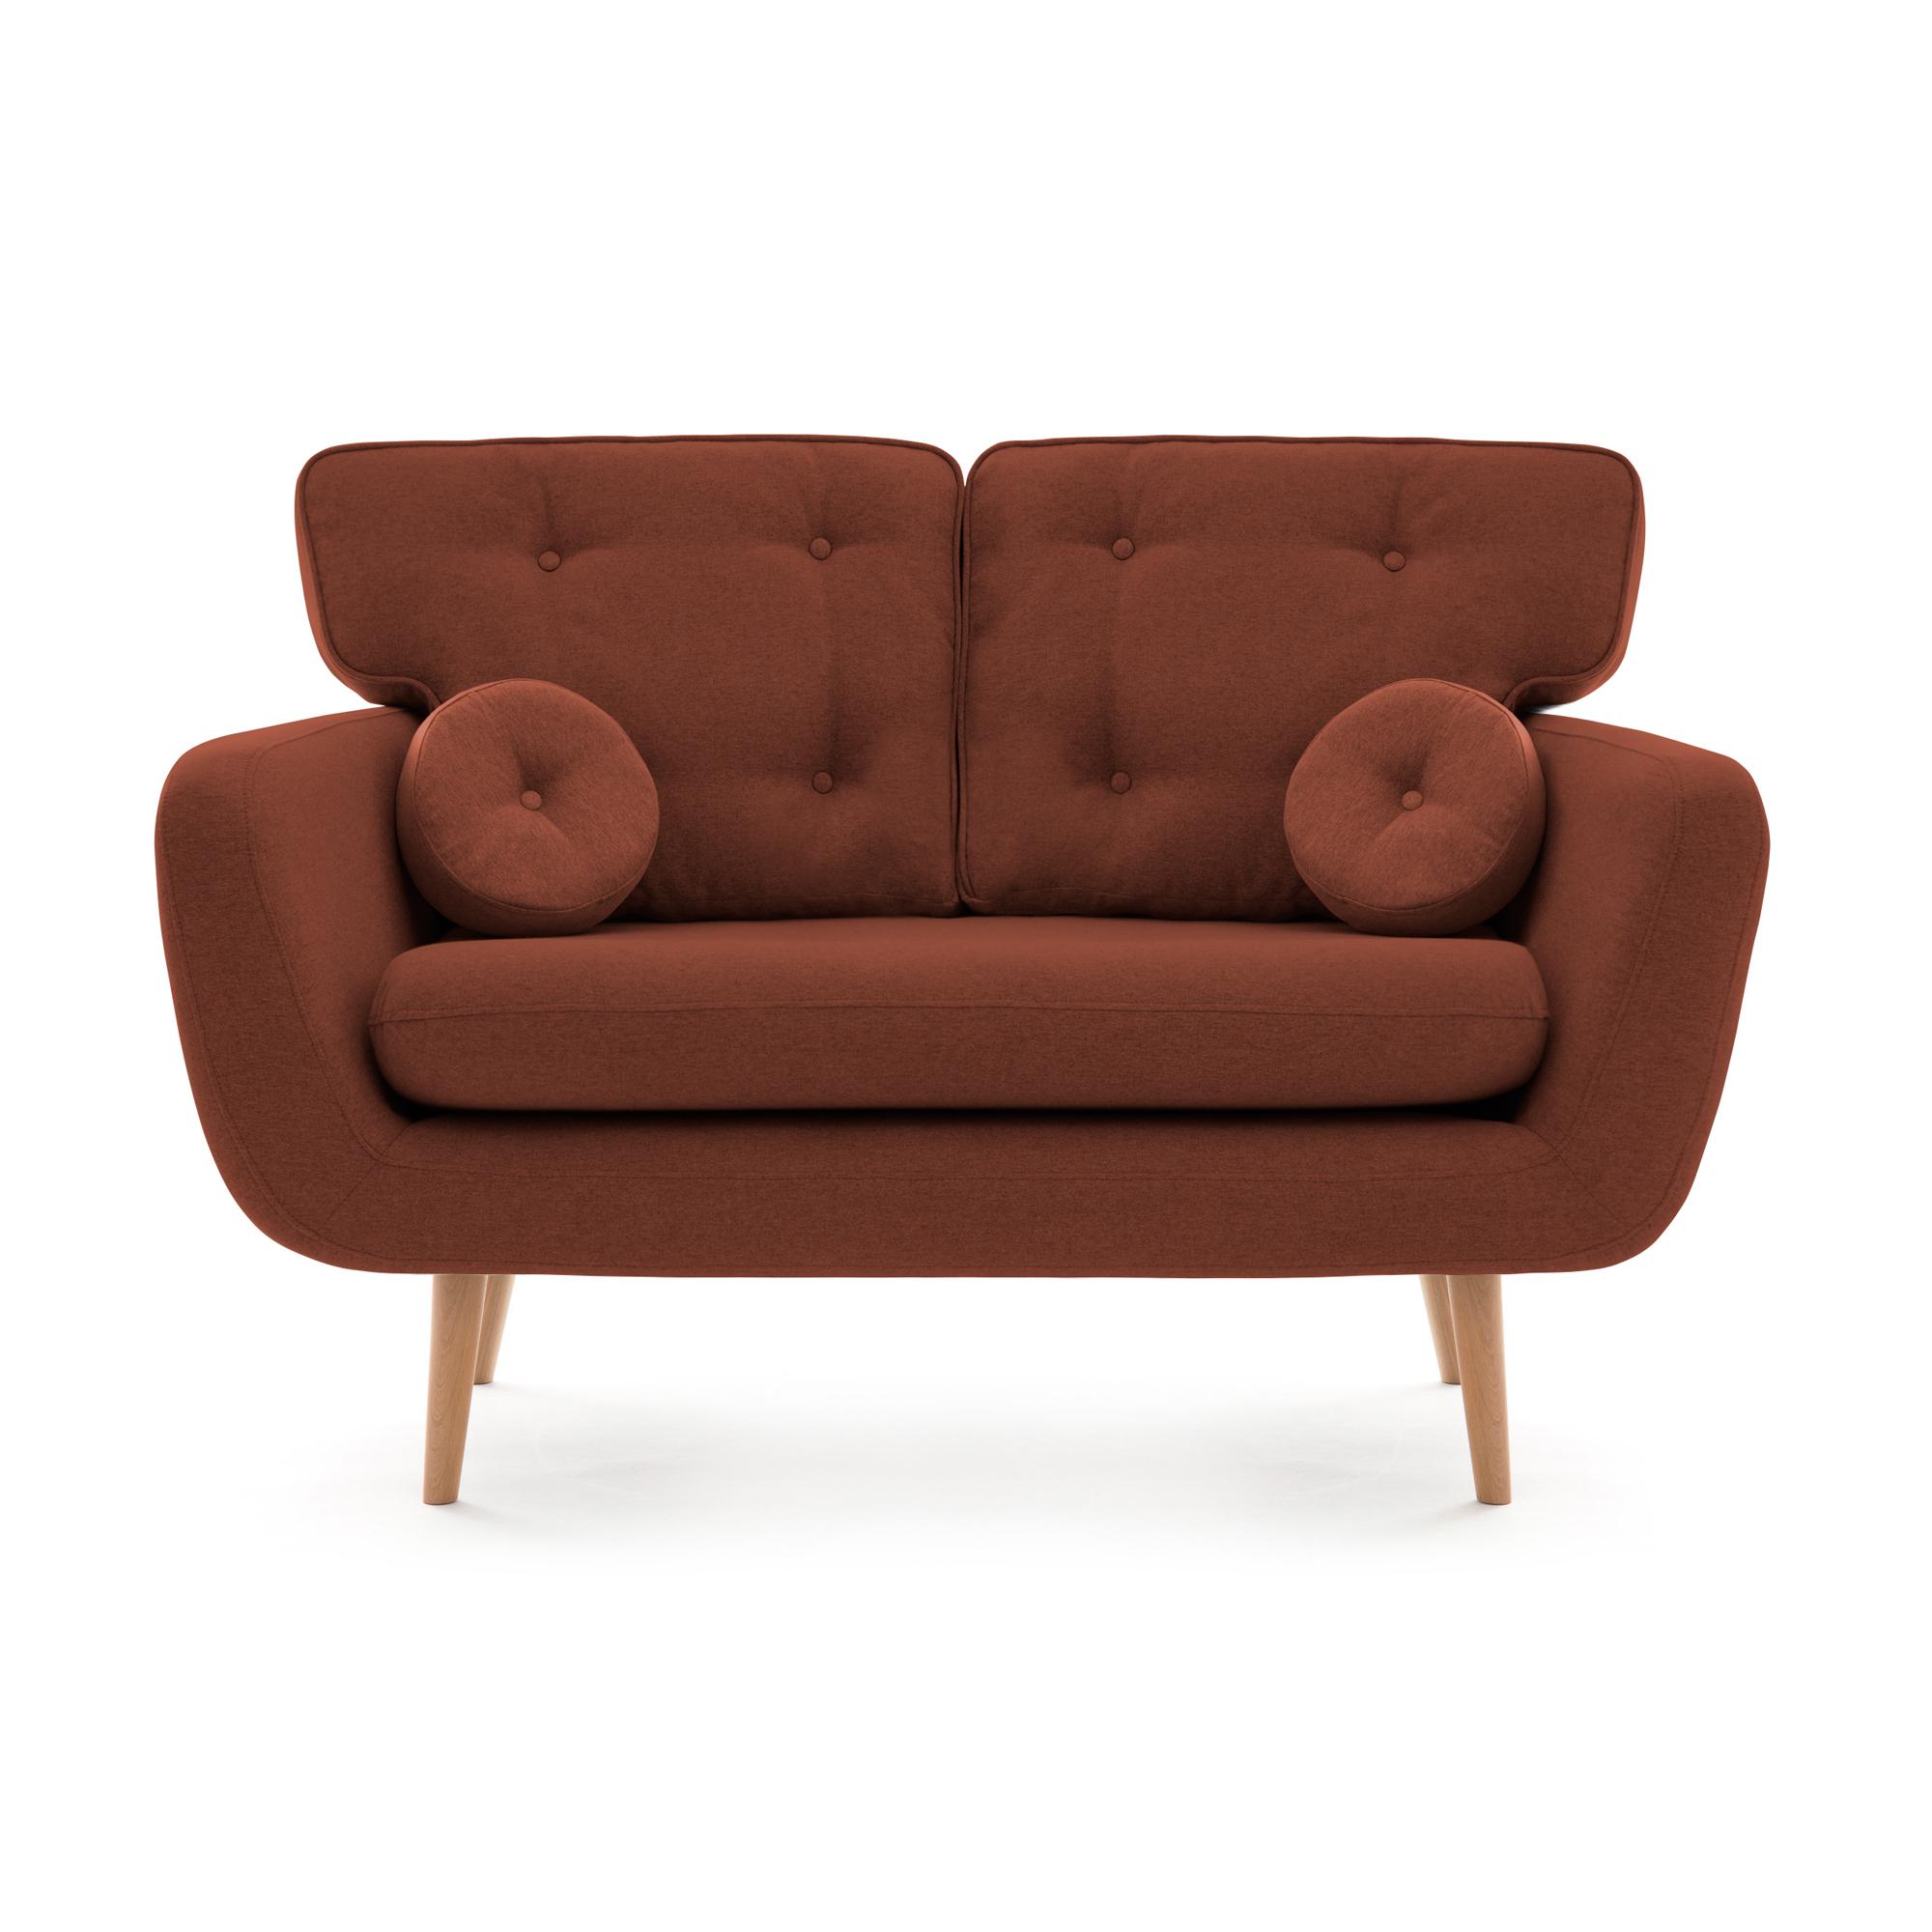 Canapea Fixa 2 locuri Malva Marsala